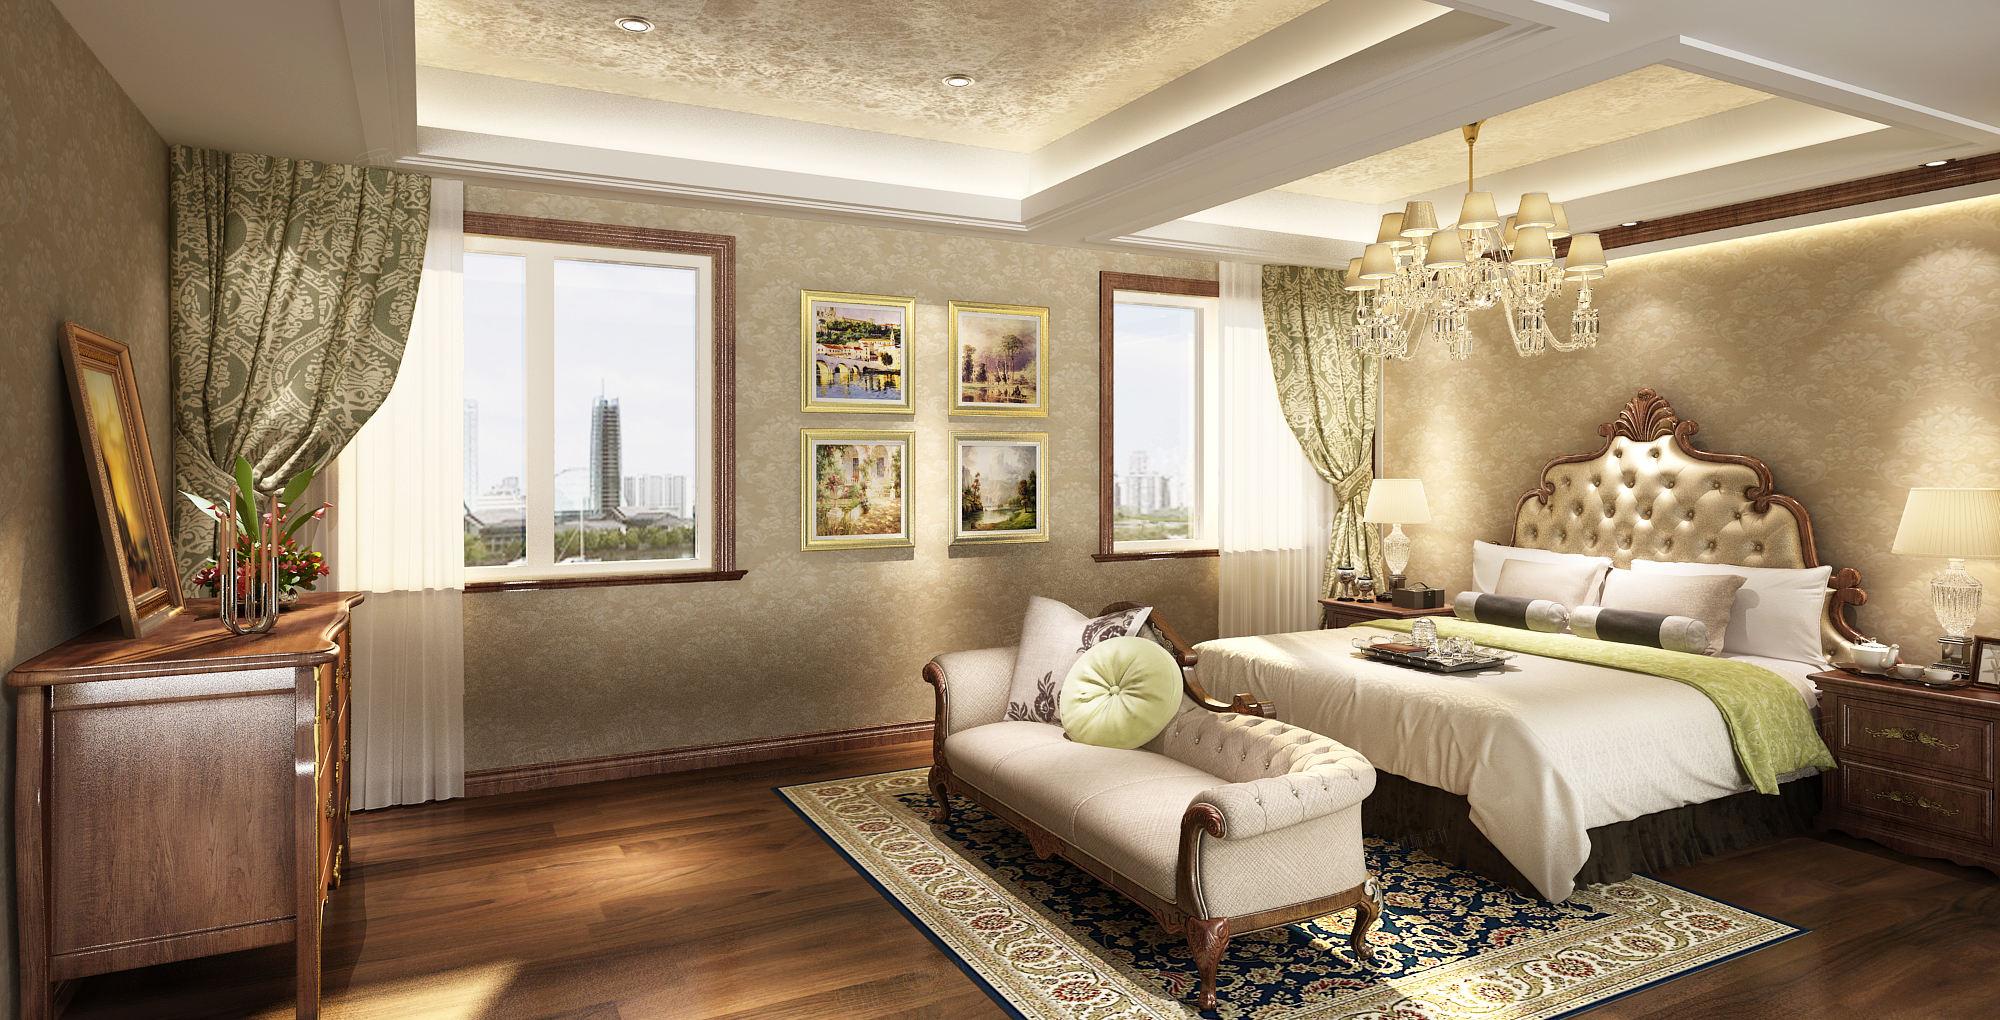 美式_天波城装修卧室效果图